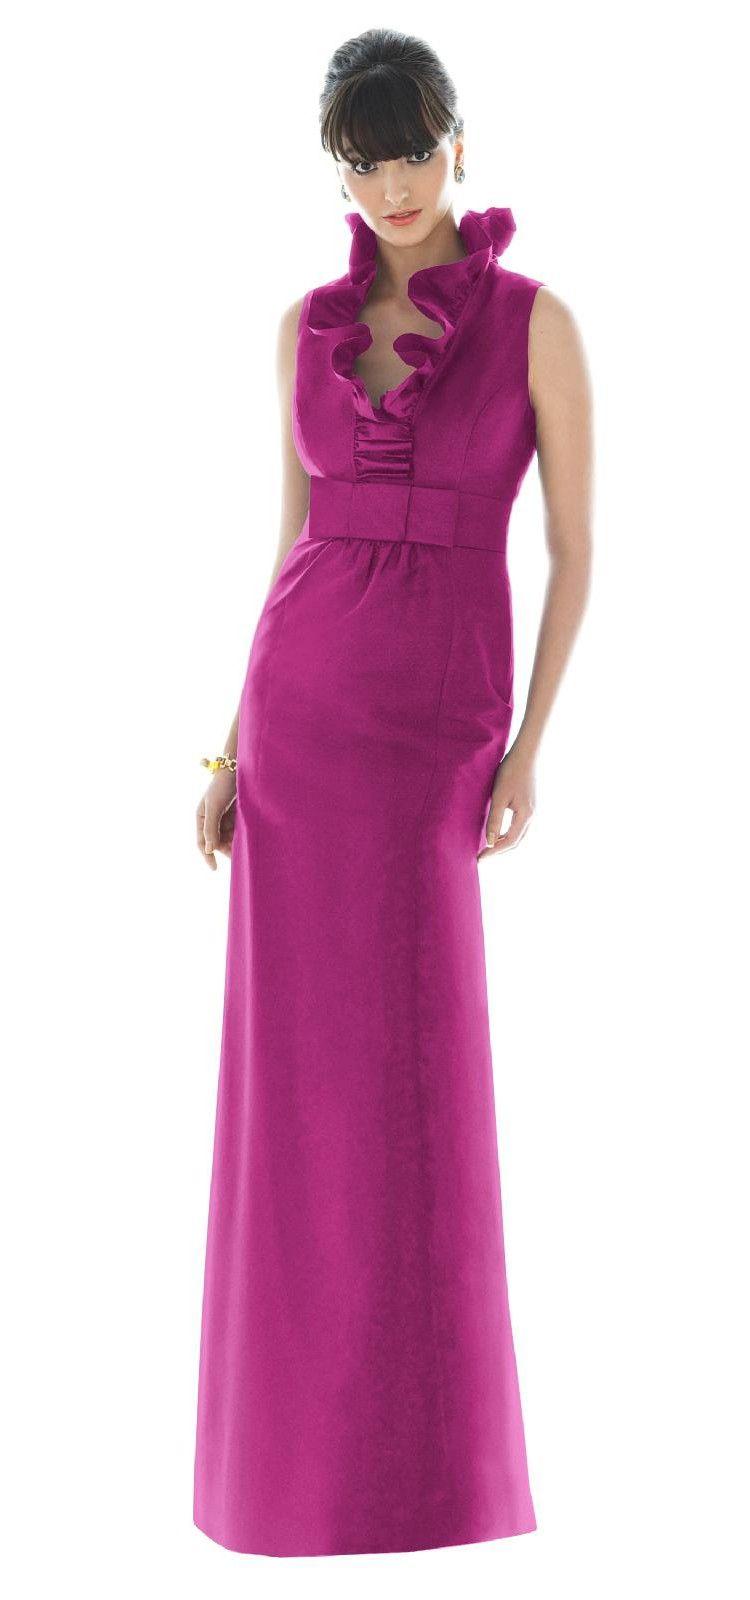 Alfred Sung Bridesmaid Dresses - Style D467 - Peau De Soie ...